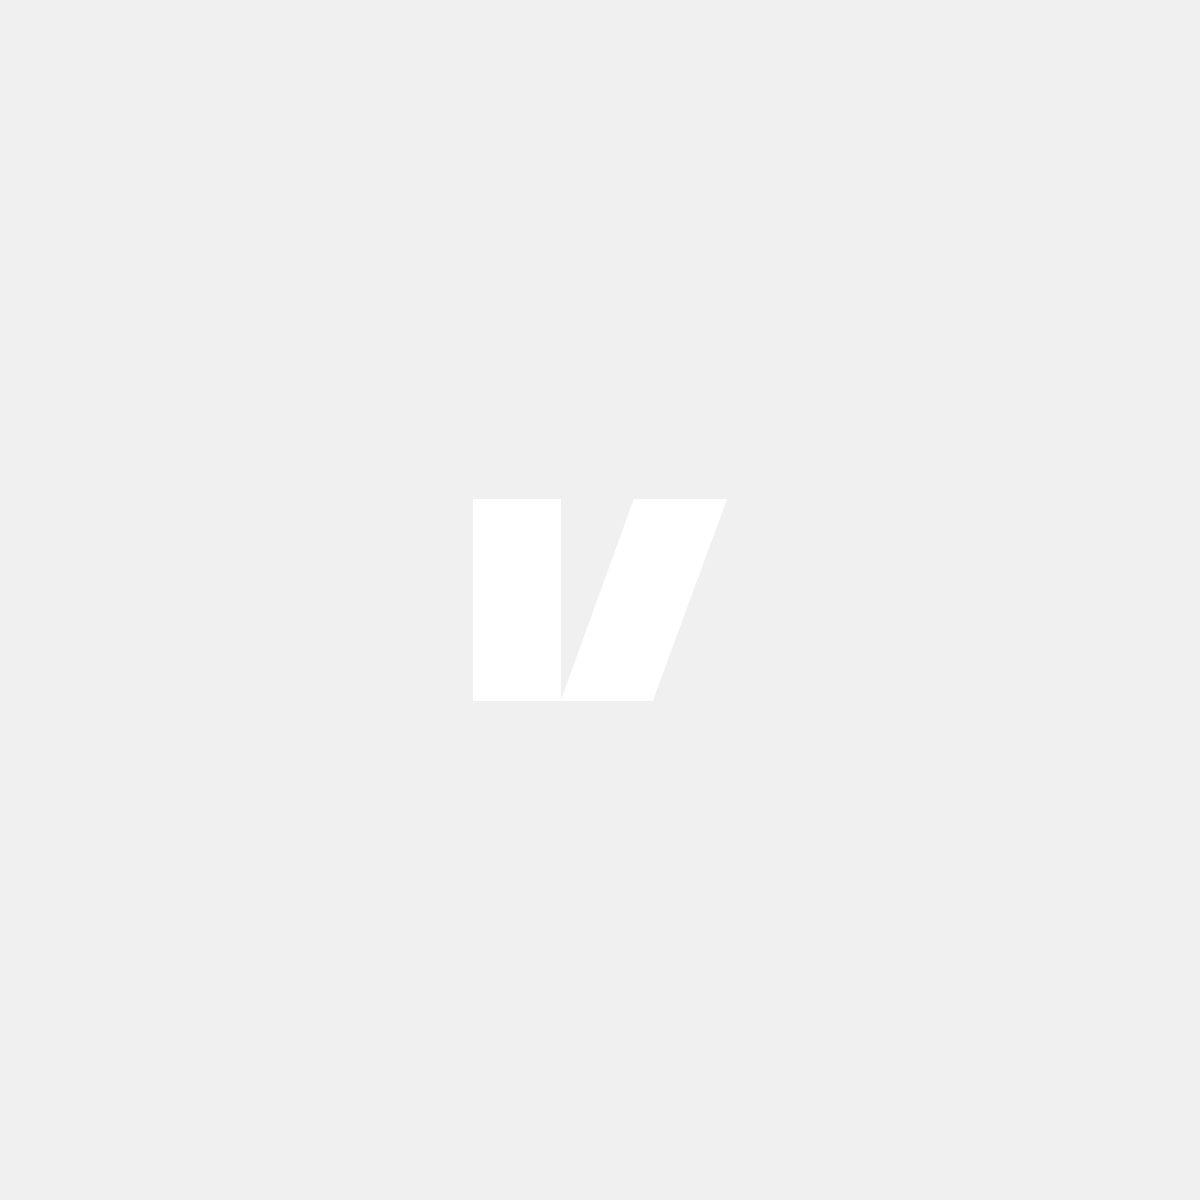 H&R sänkningsfjädersats 30mm till Volvo C30